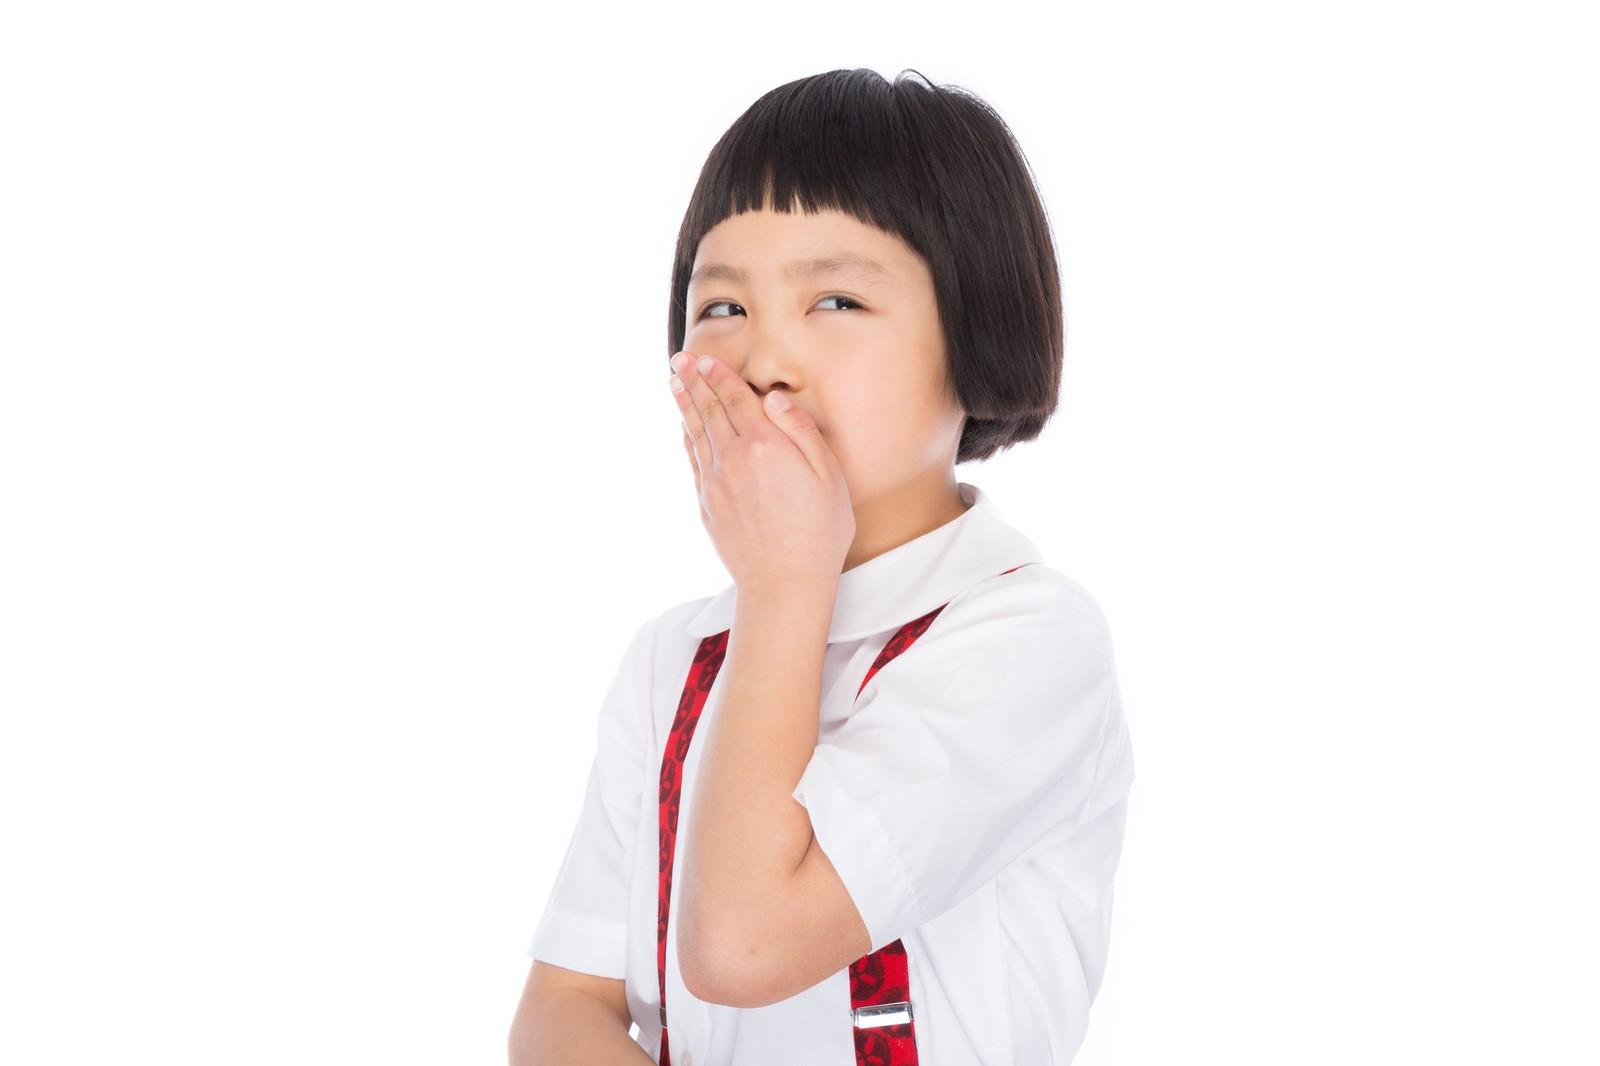 子どもの人権問題(いじめ)